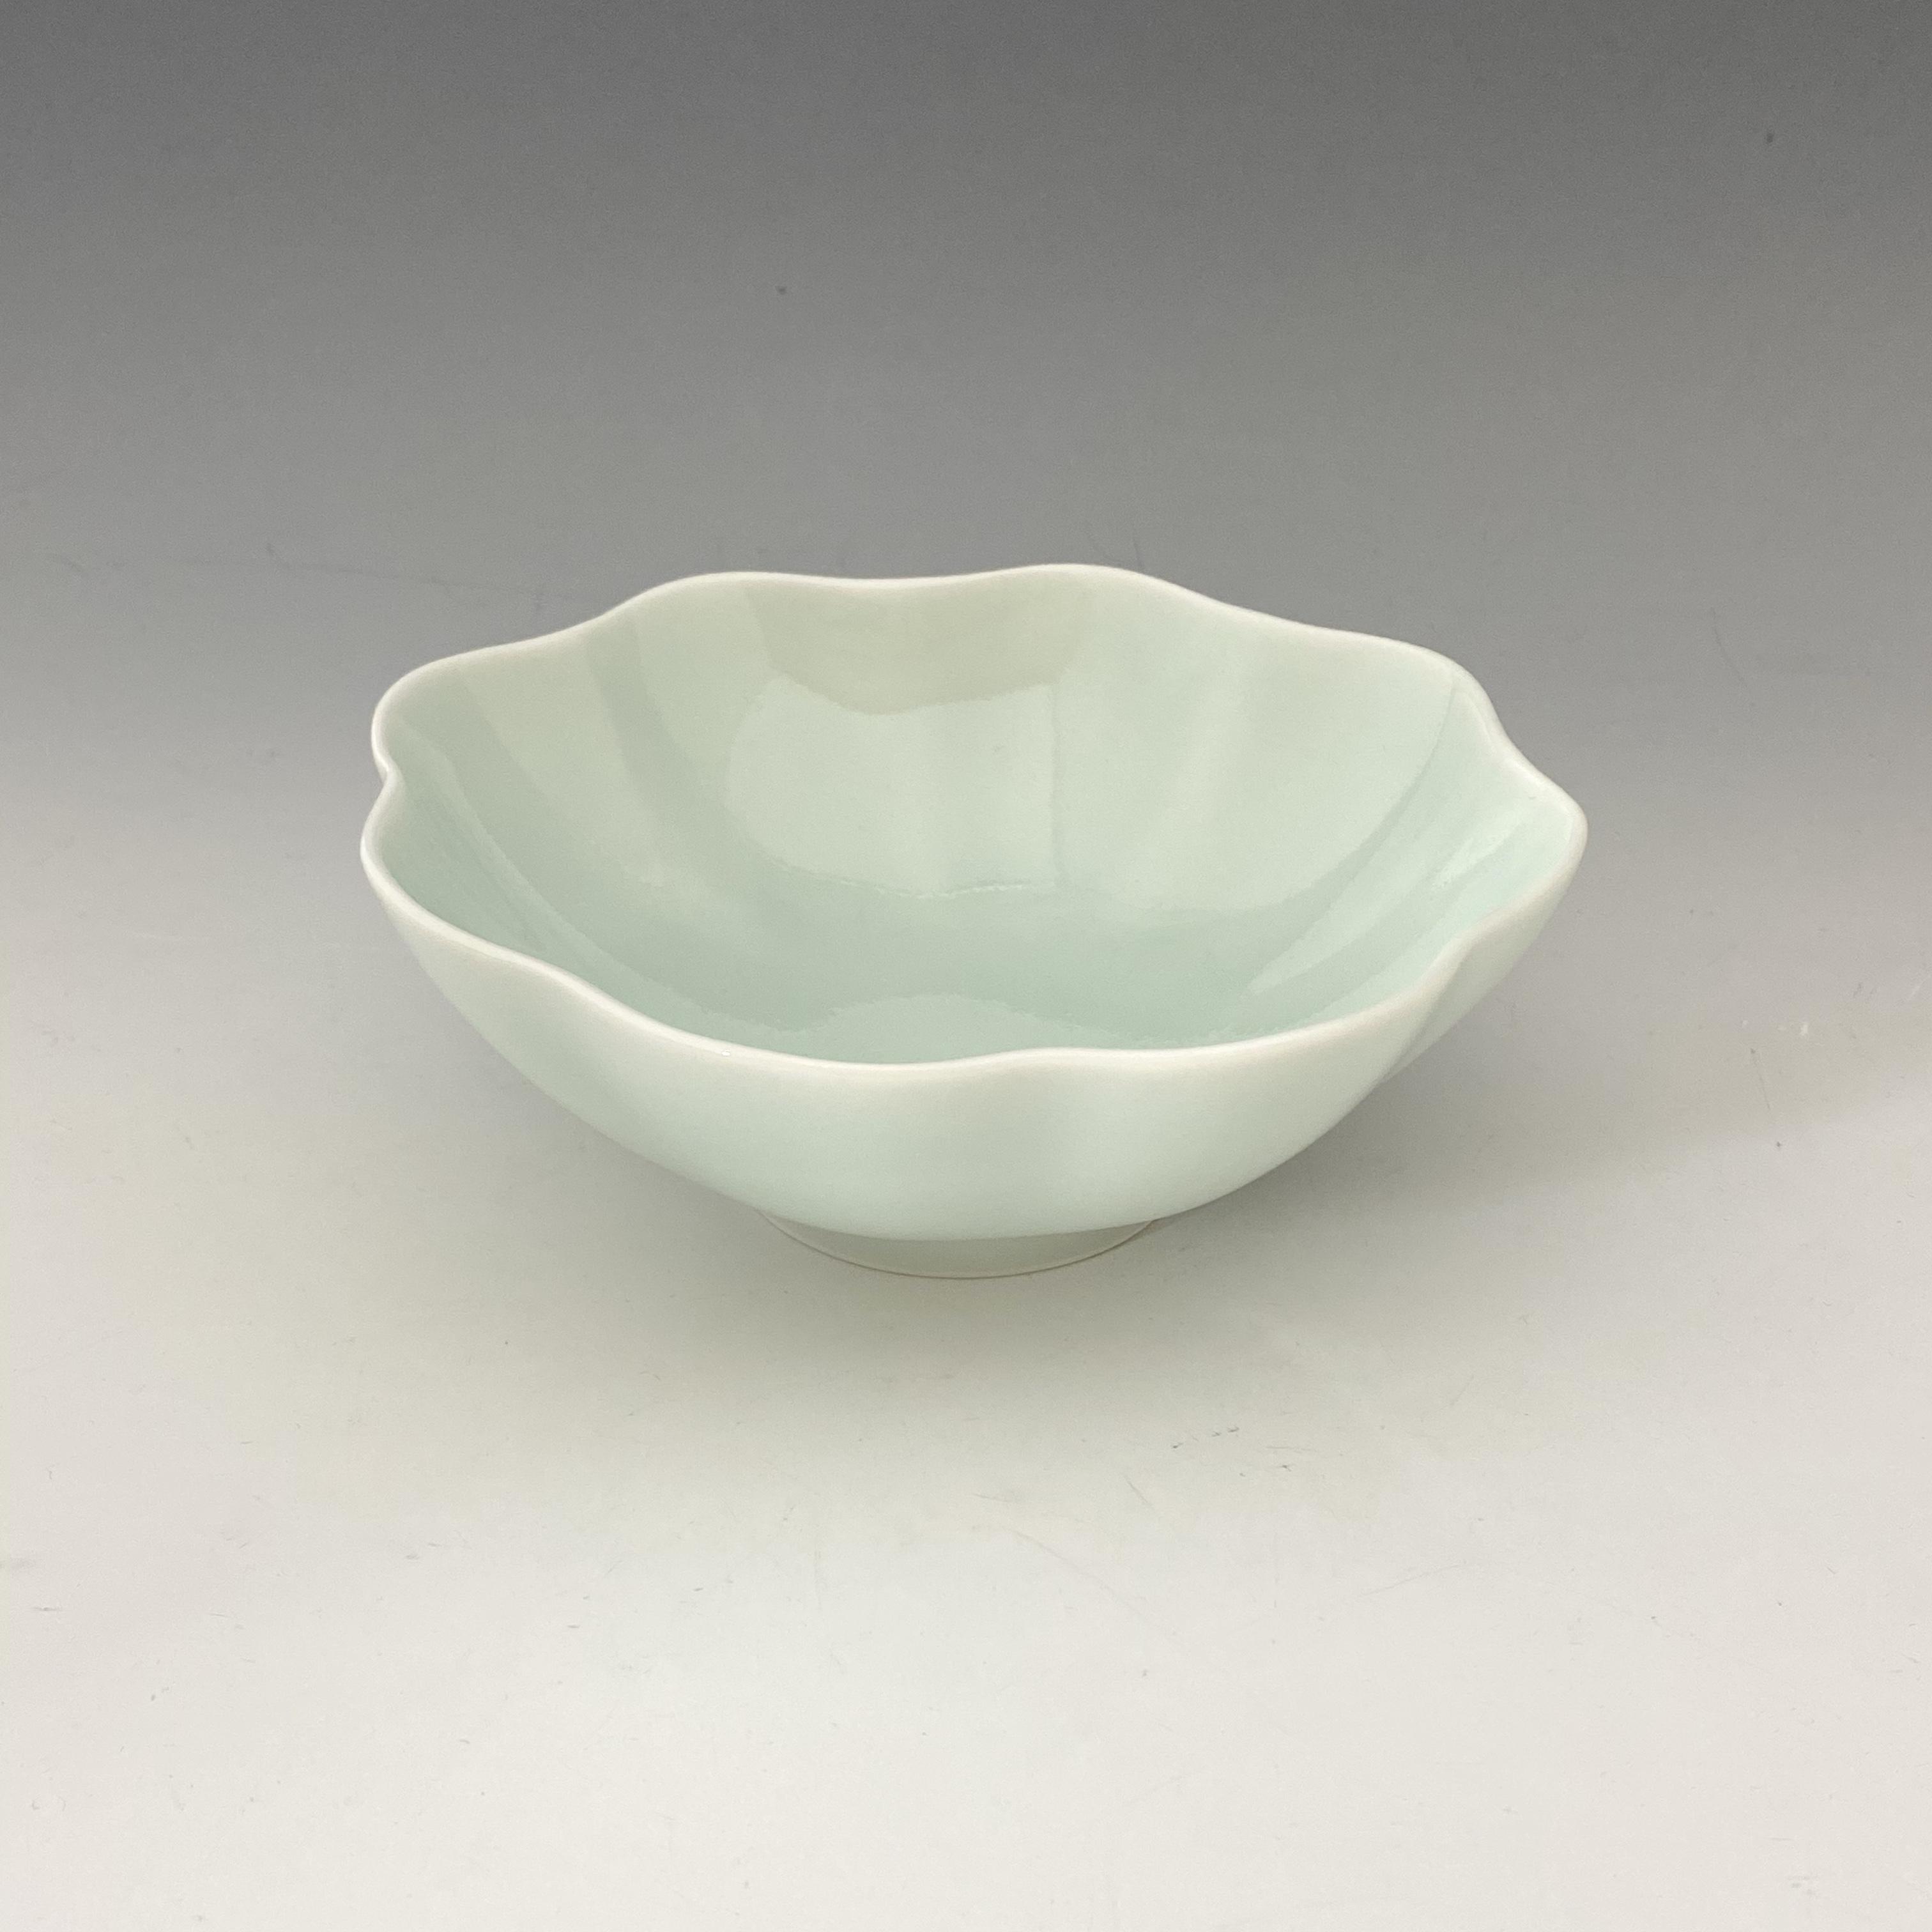 【中尾純】青白磁輪花鉢